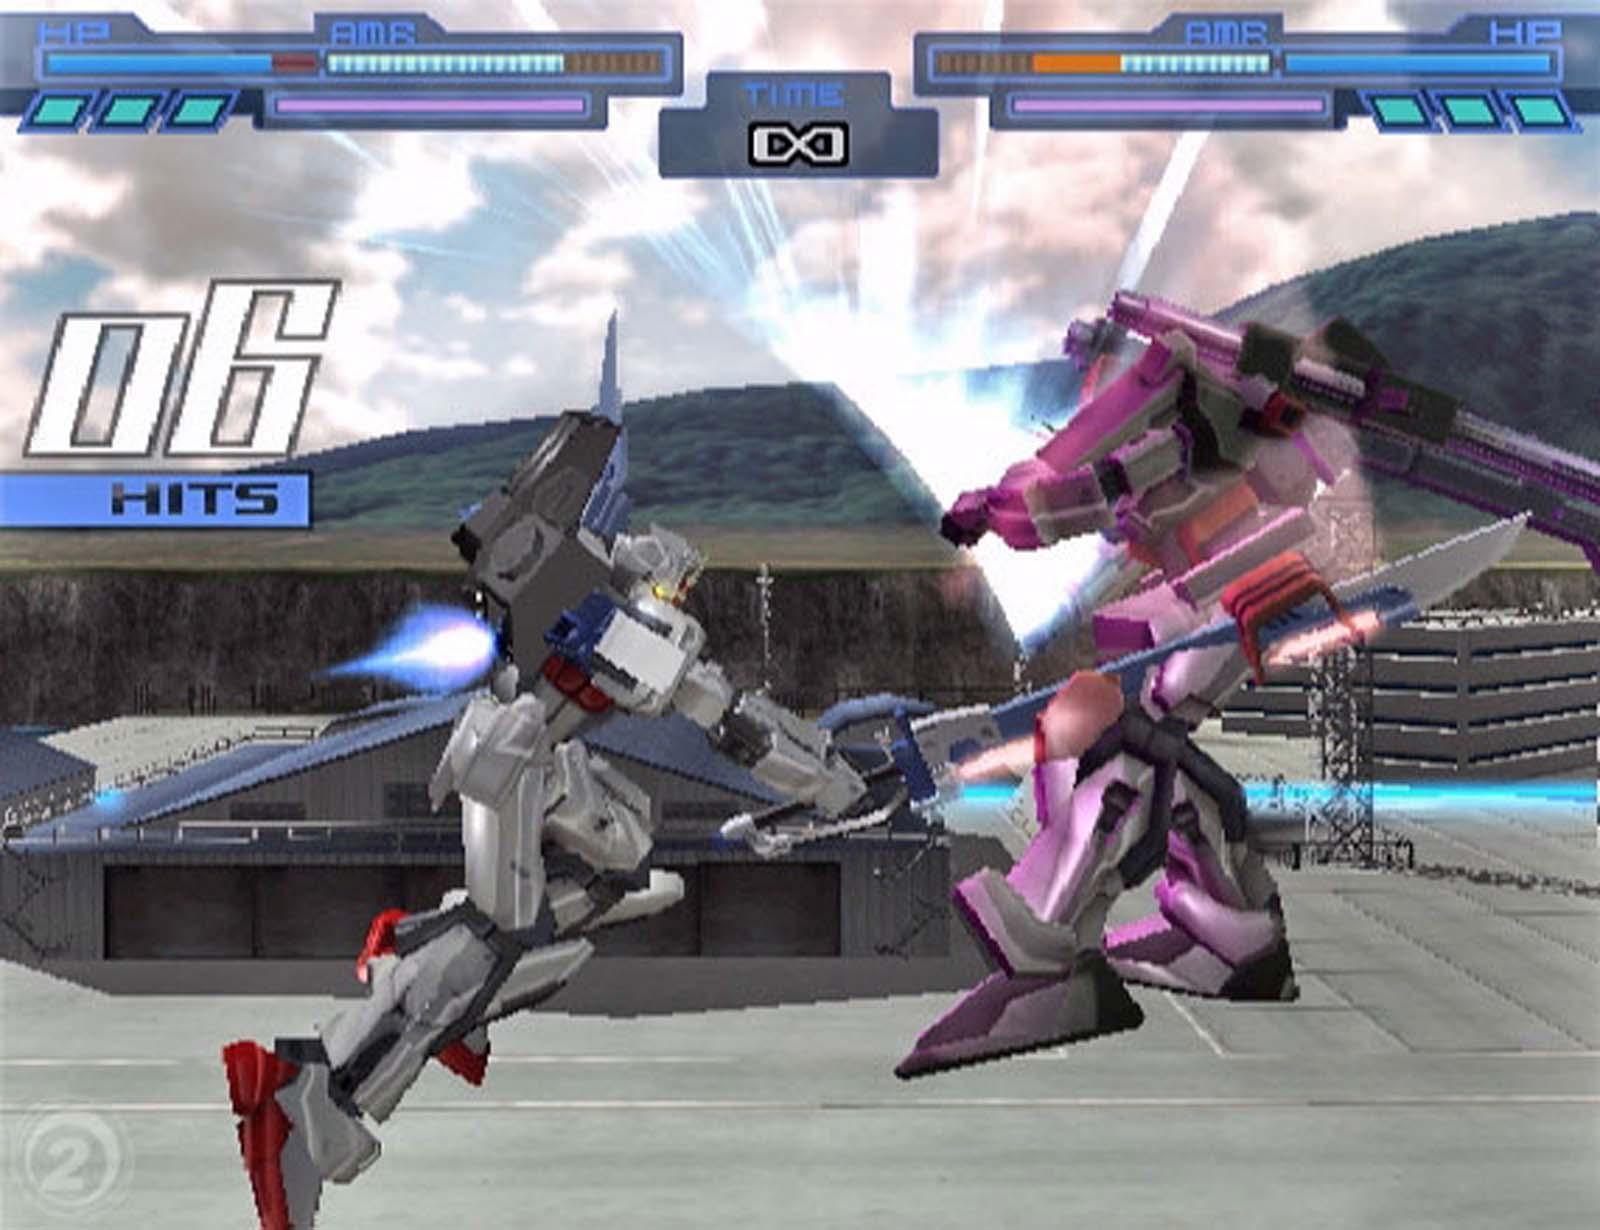 [Análise Retro Game] - Gundam Battle Assault 2 - Playstation One 150180-Battle_Assault_3_featuring_Gundam_Seed_(USA)-1494756567